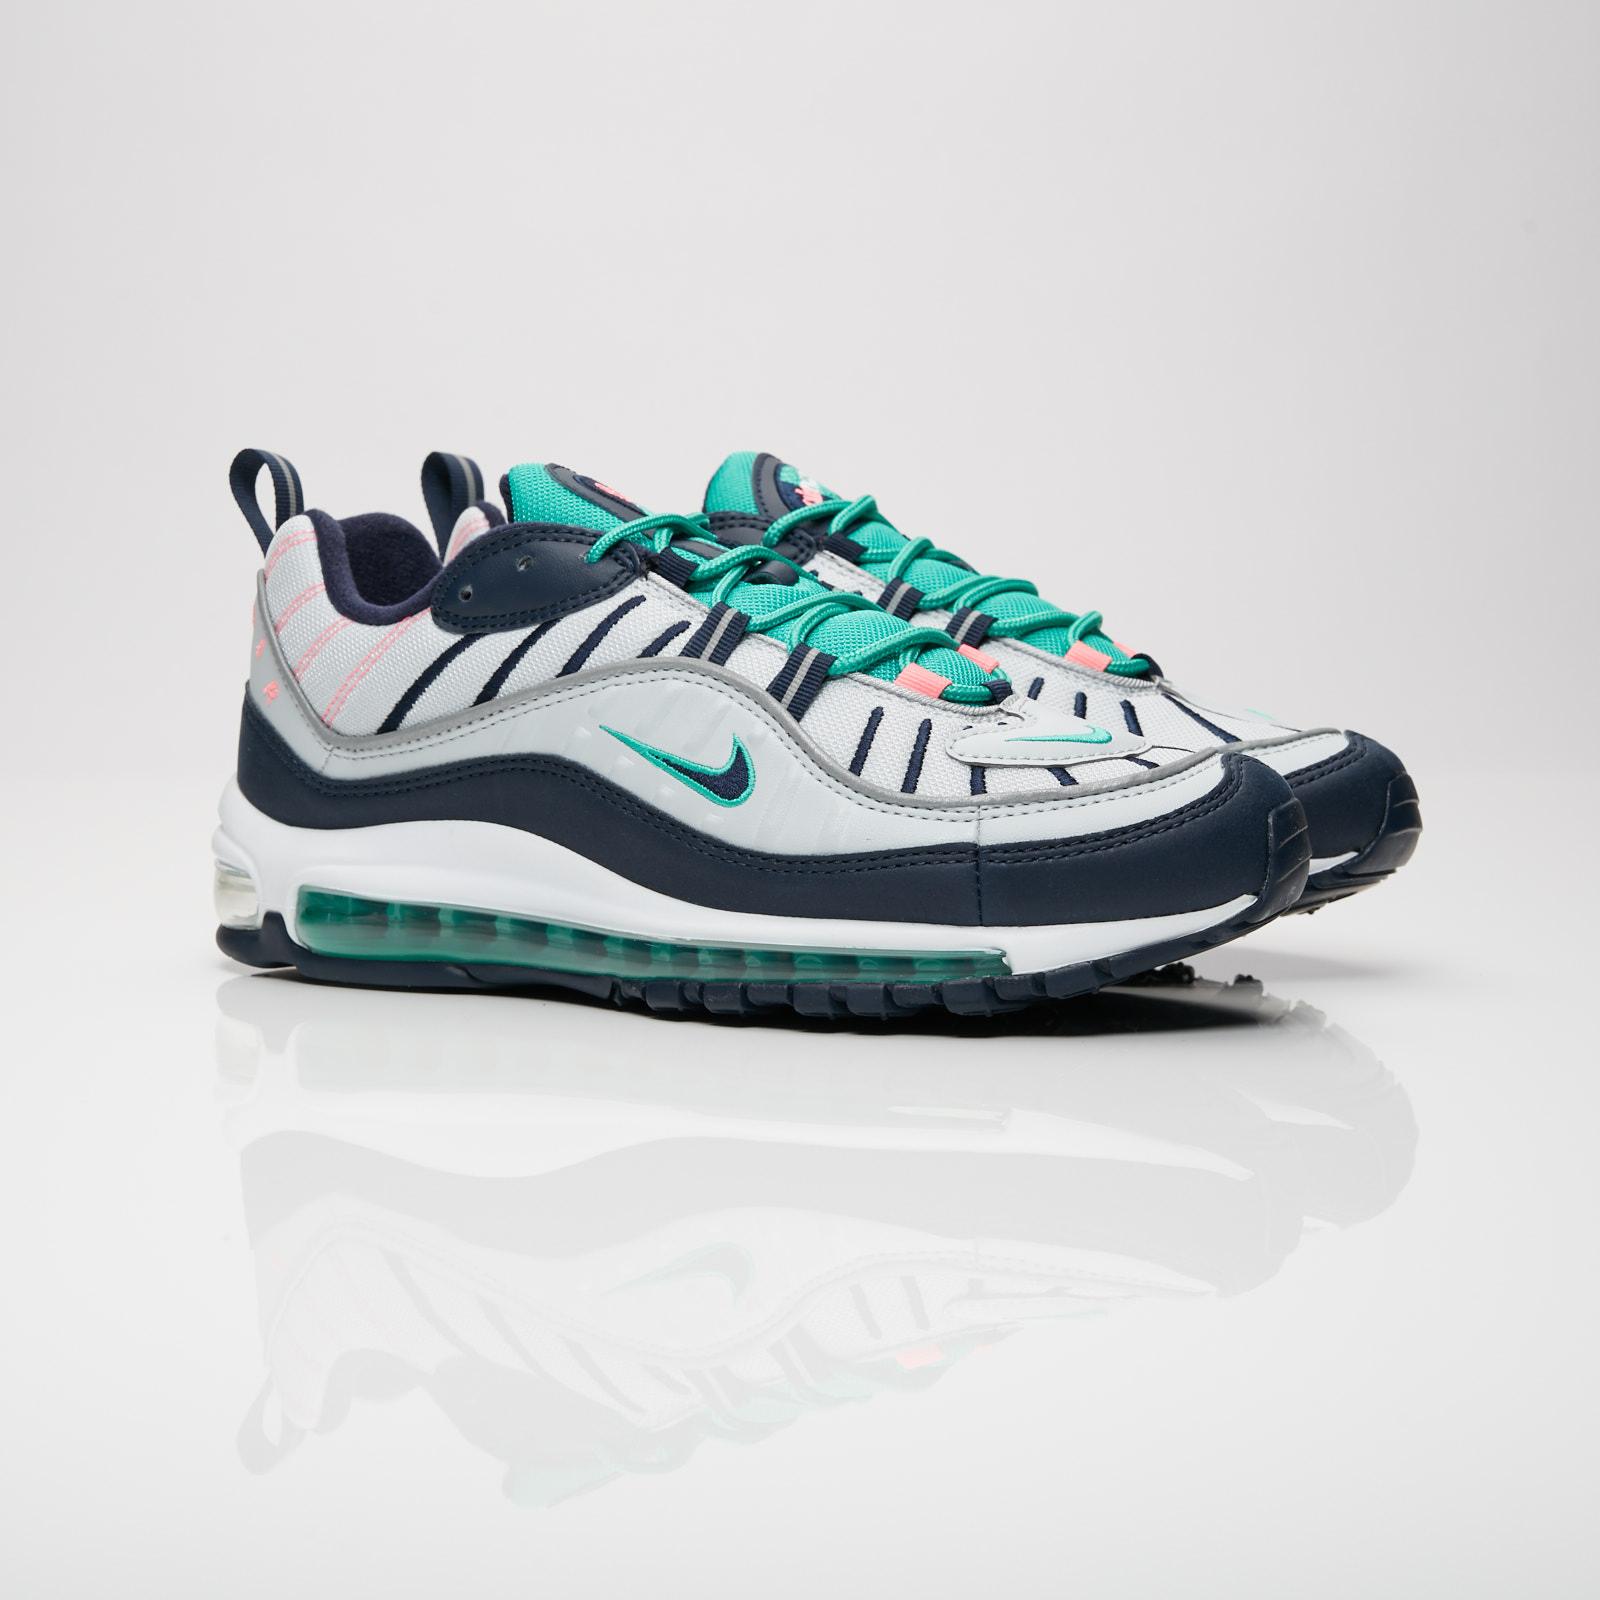 Nike Air Max 98 640744 005 Sneakersnstuff | sneakers